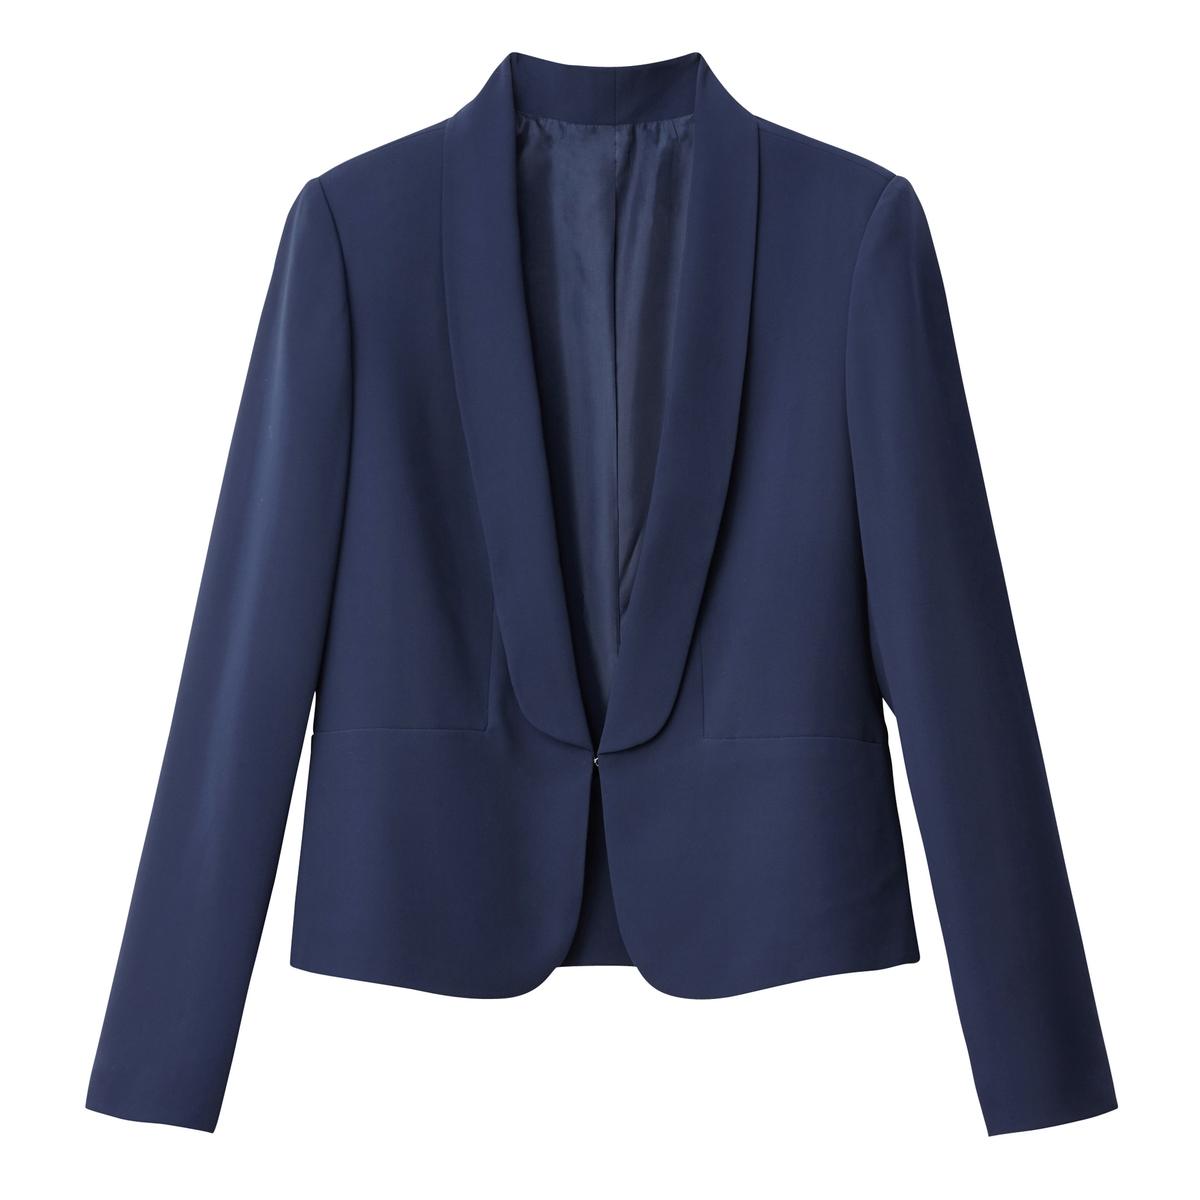 Chaqueta ligera y entallada estilo blazer, con cue